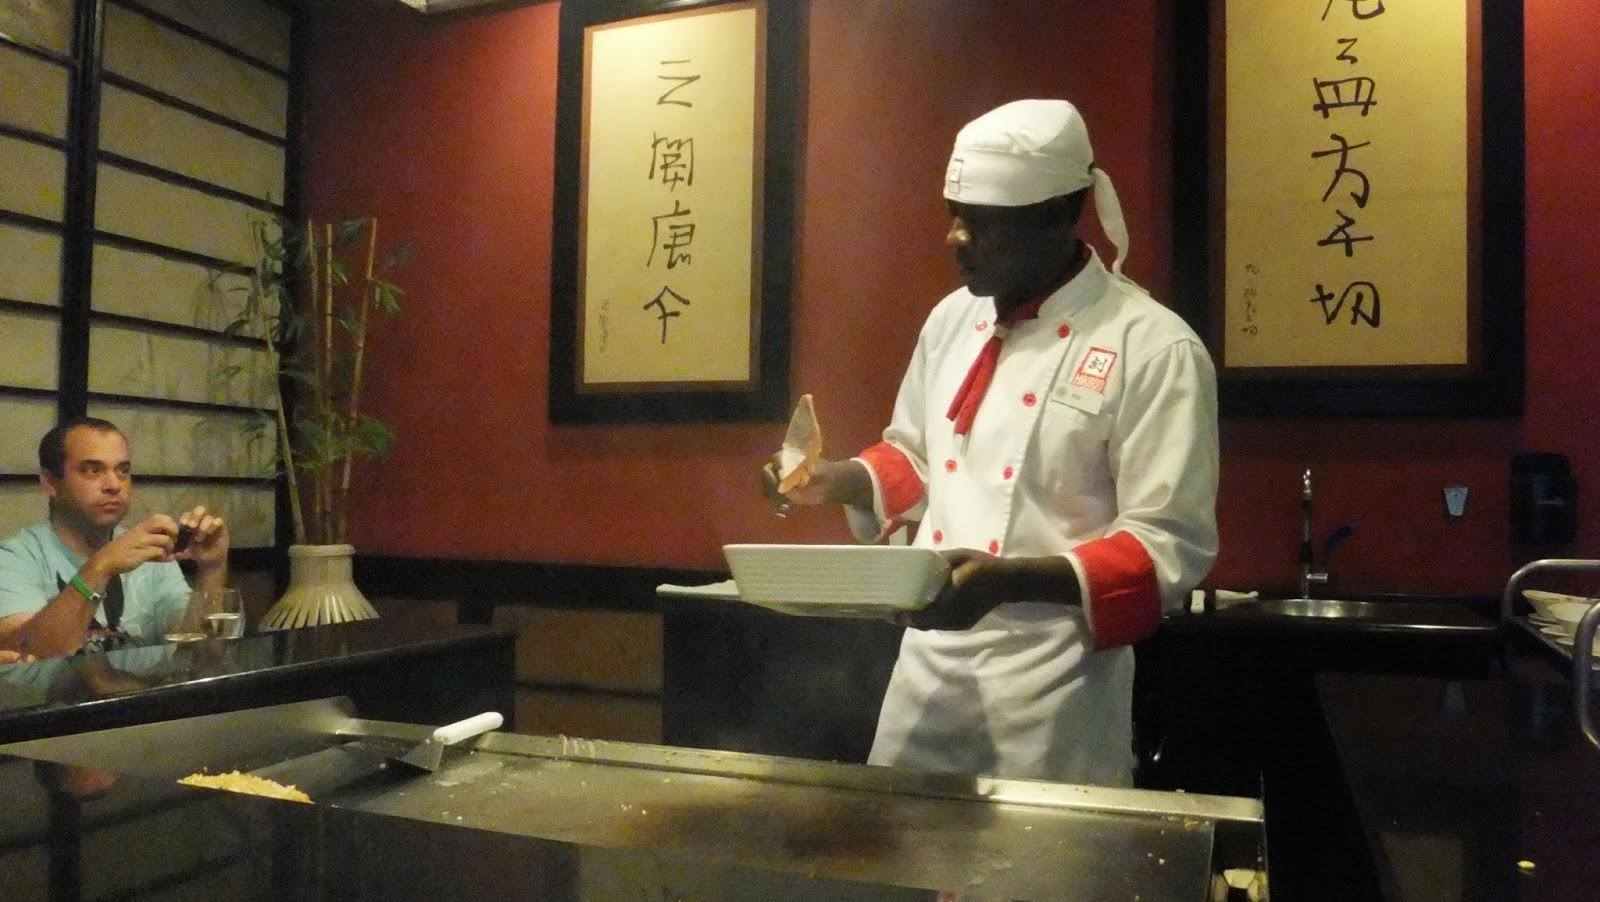 Cocina teppan yaki, Hotel Bahía Príncipe, Punta Cana, R. Dominicana, Elisa N, Blog de Viajes, Lifestyle, Travel